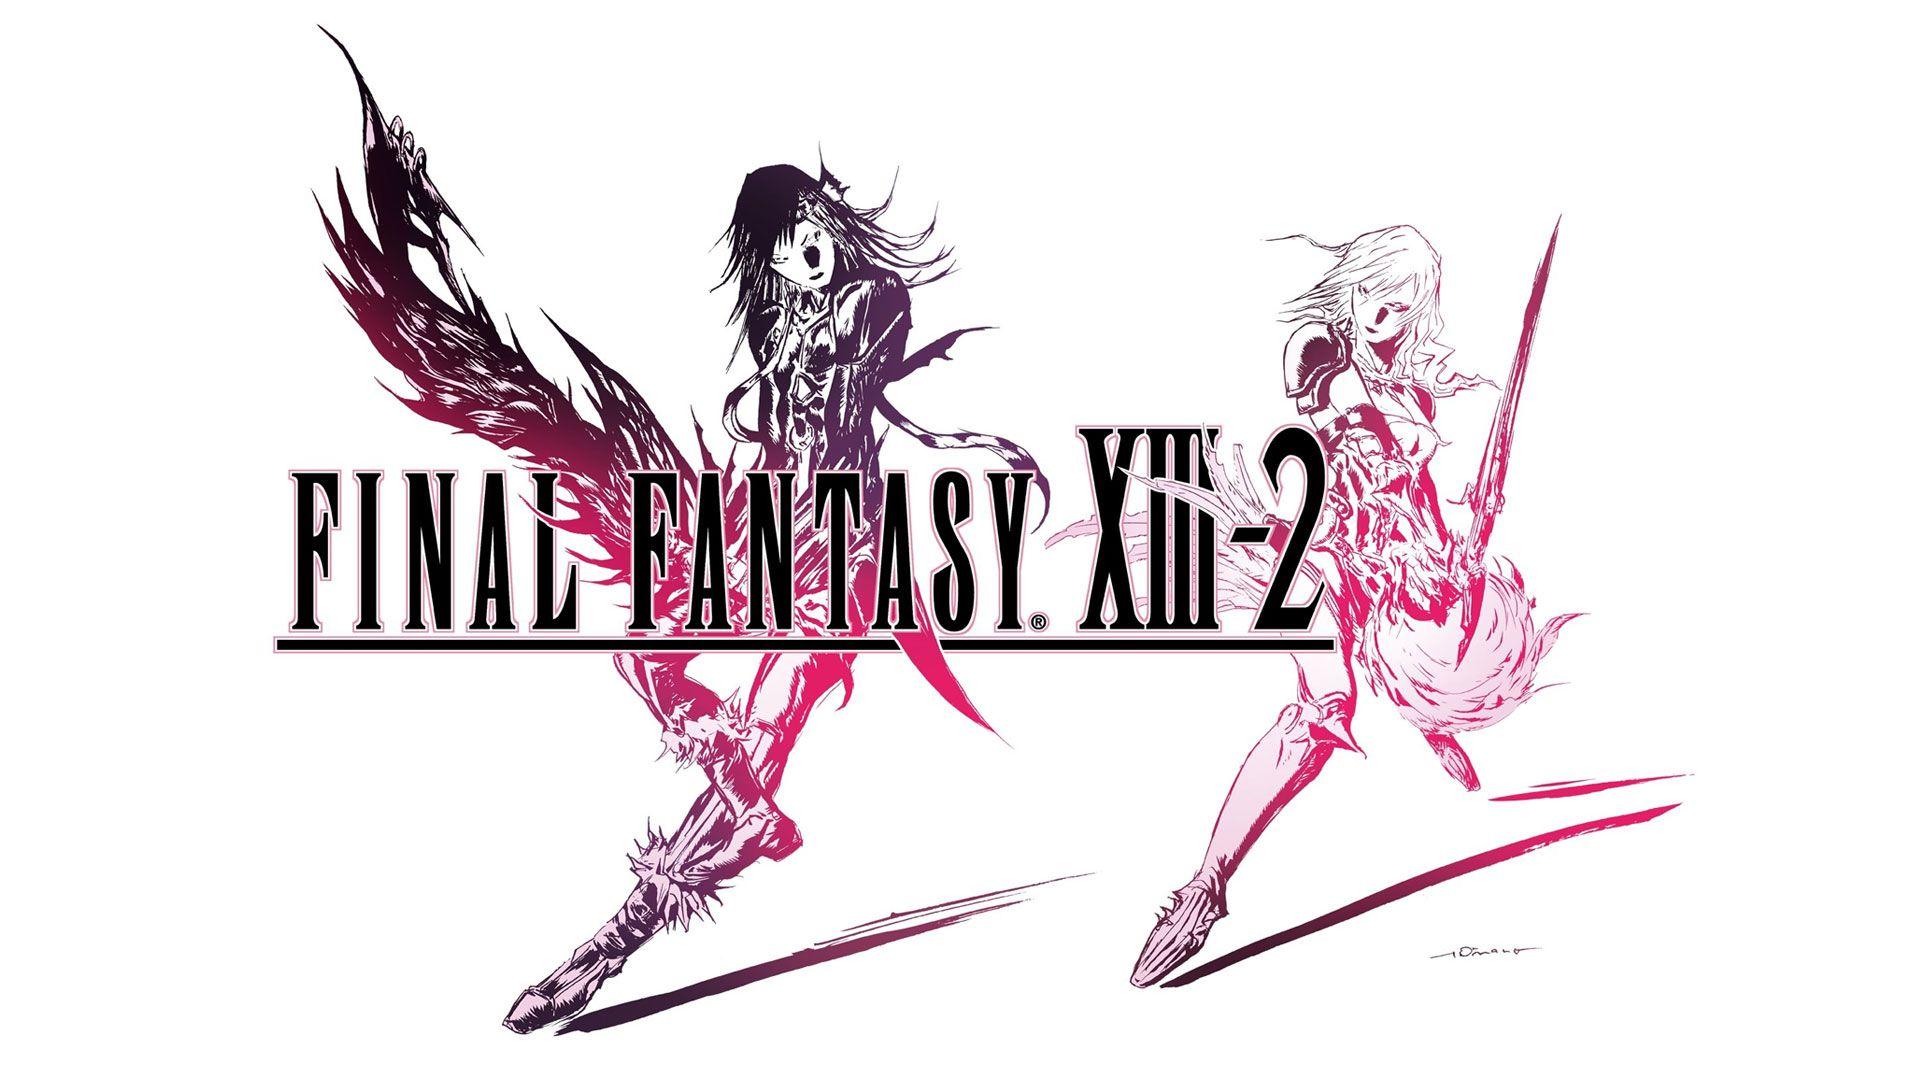 最终幻想13 2 超精美壁纸下载